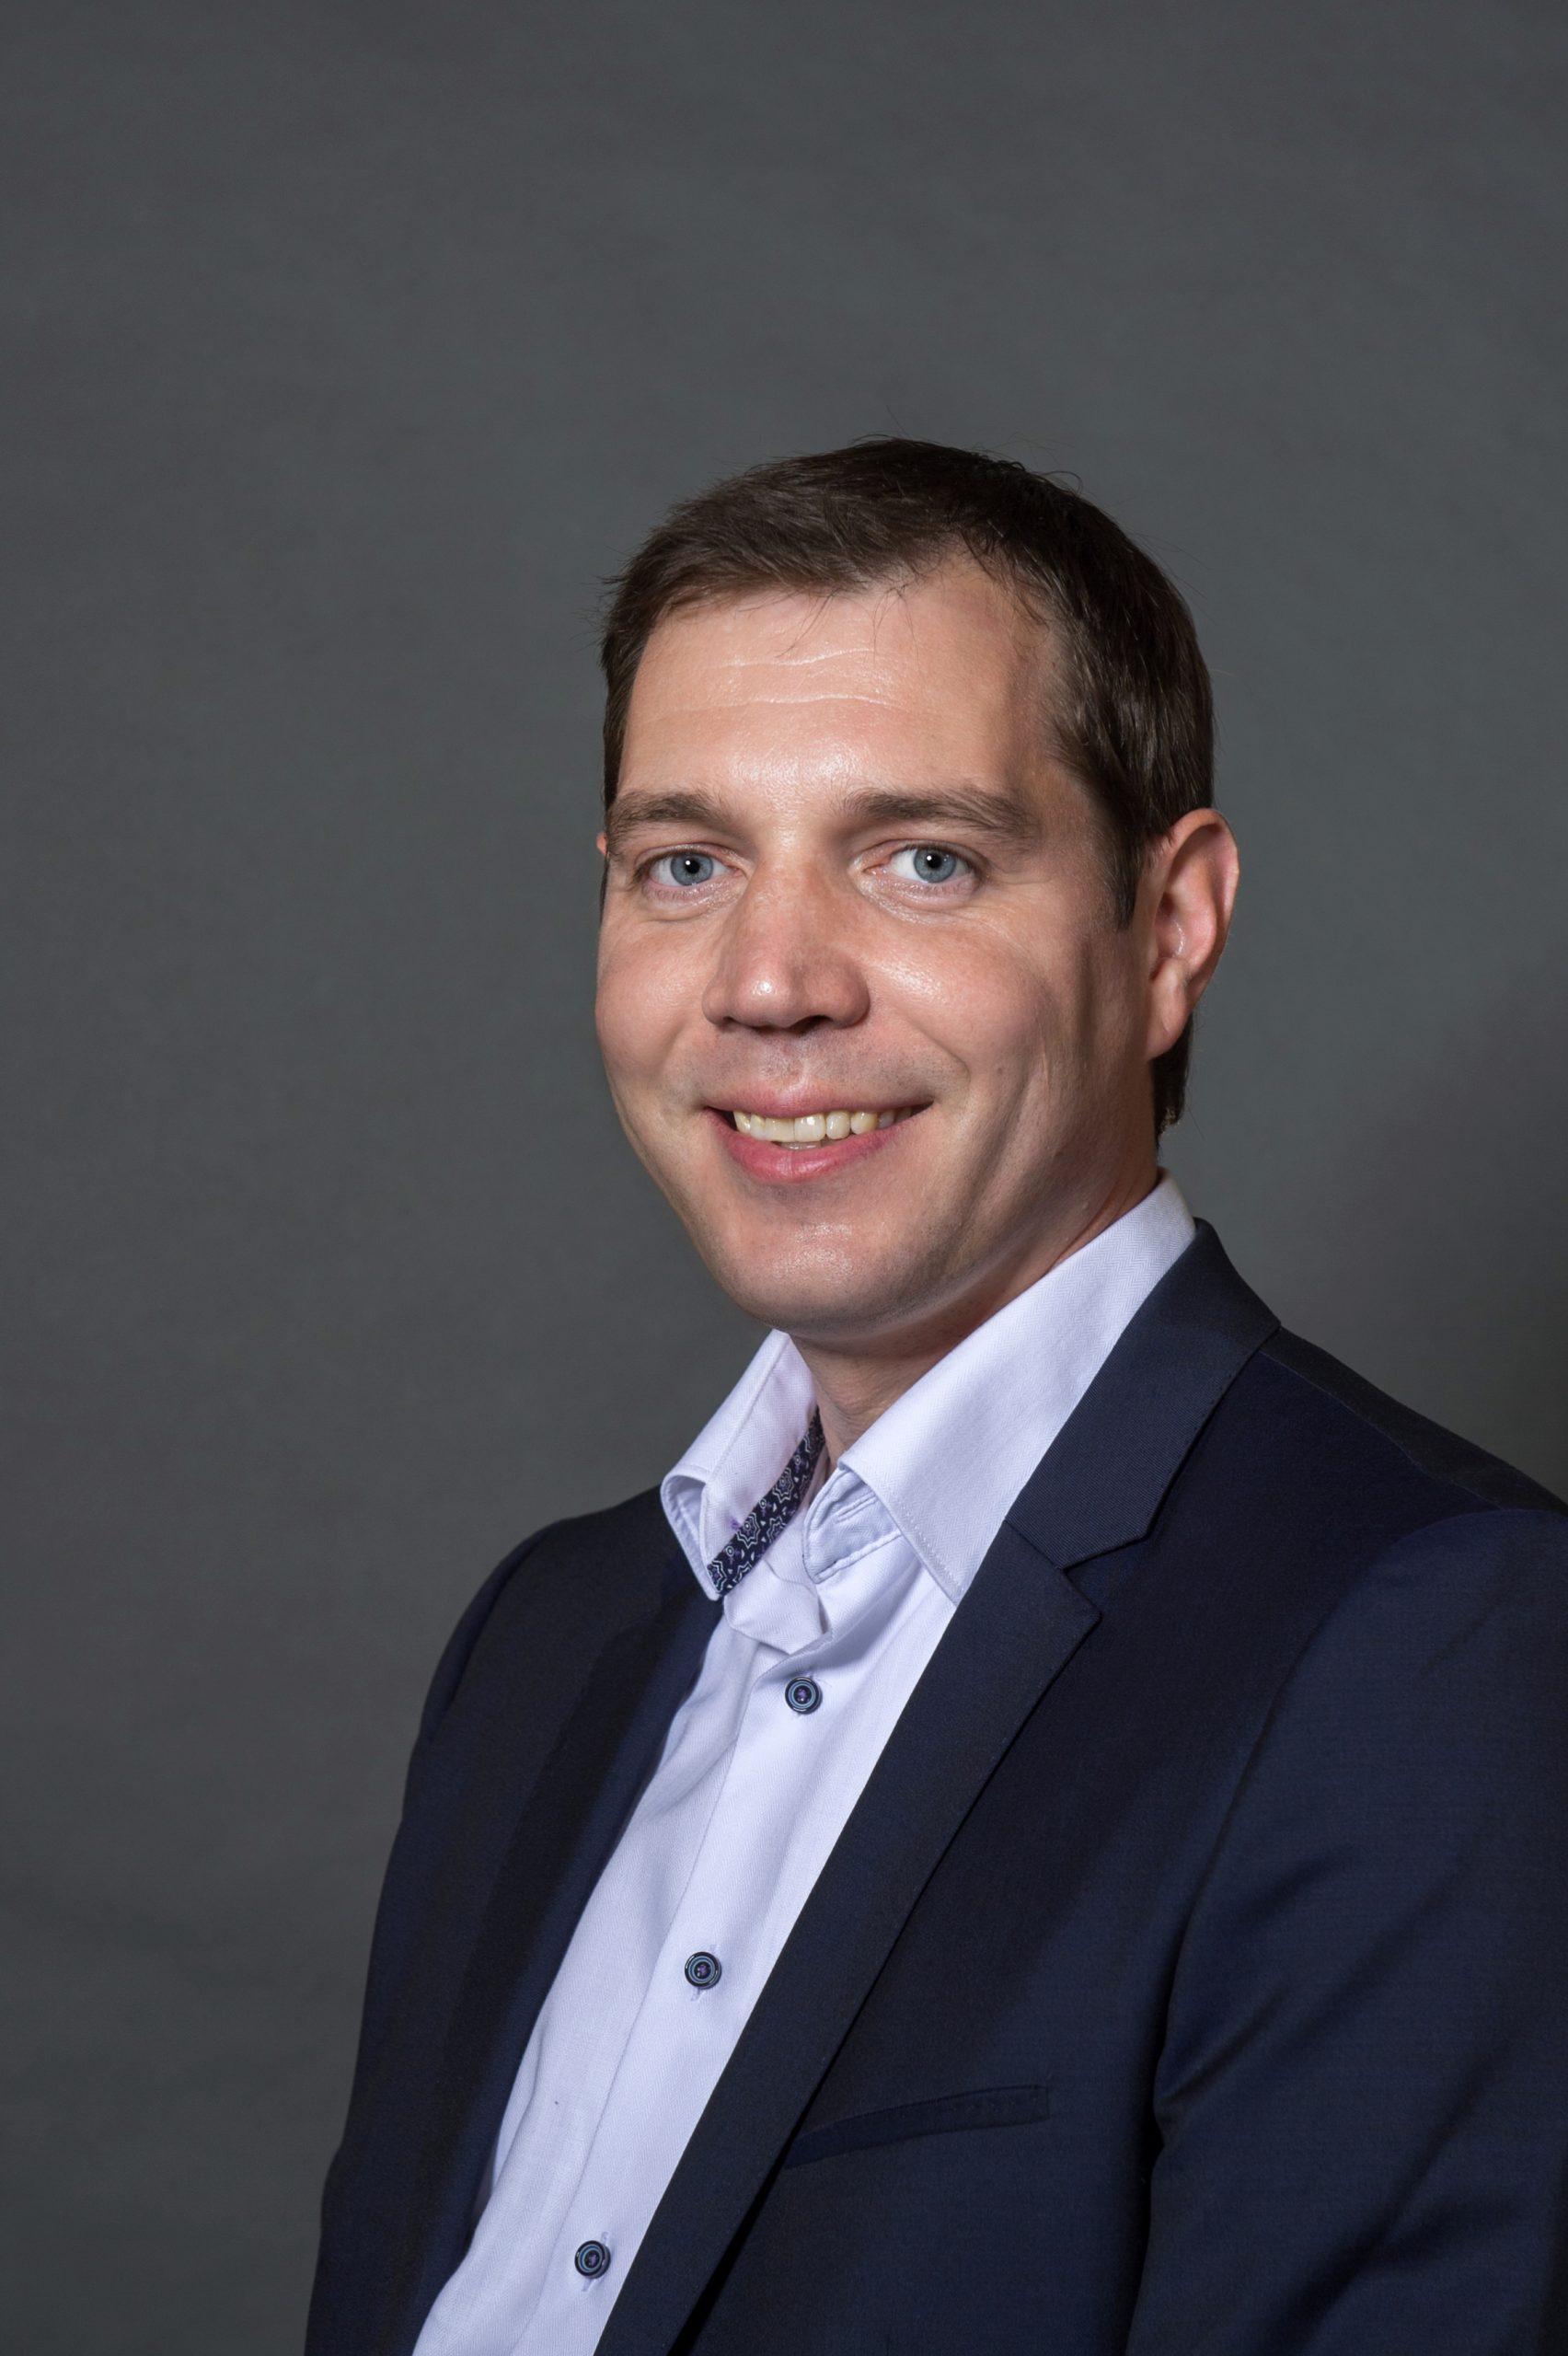 Robert Brettschneider